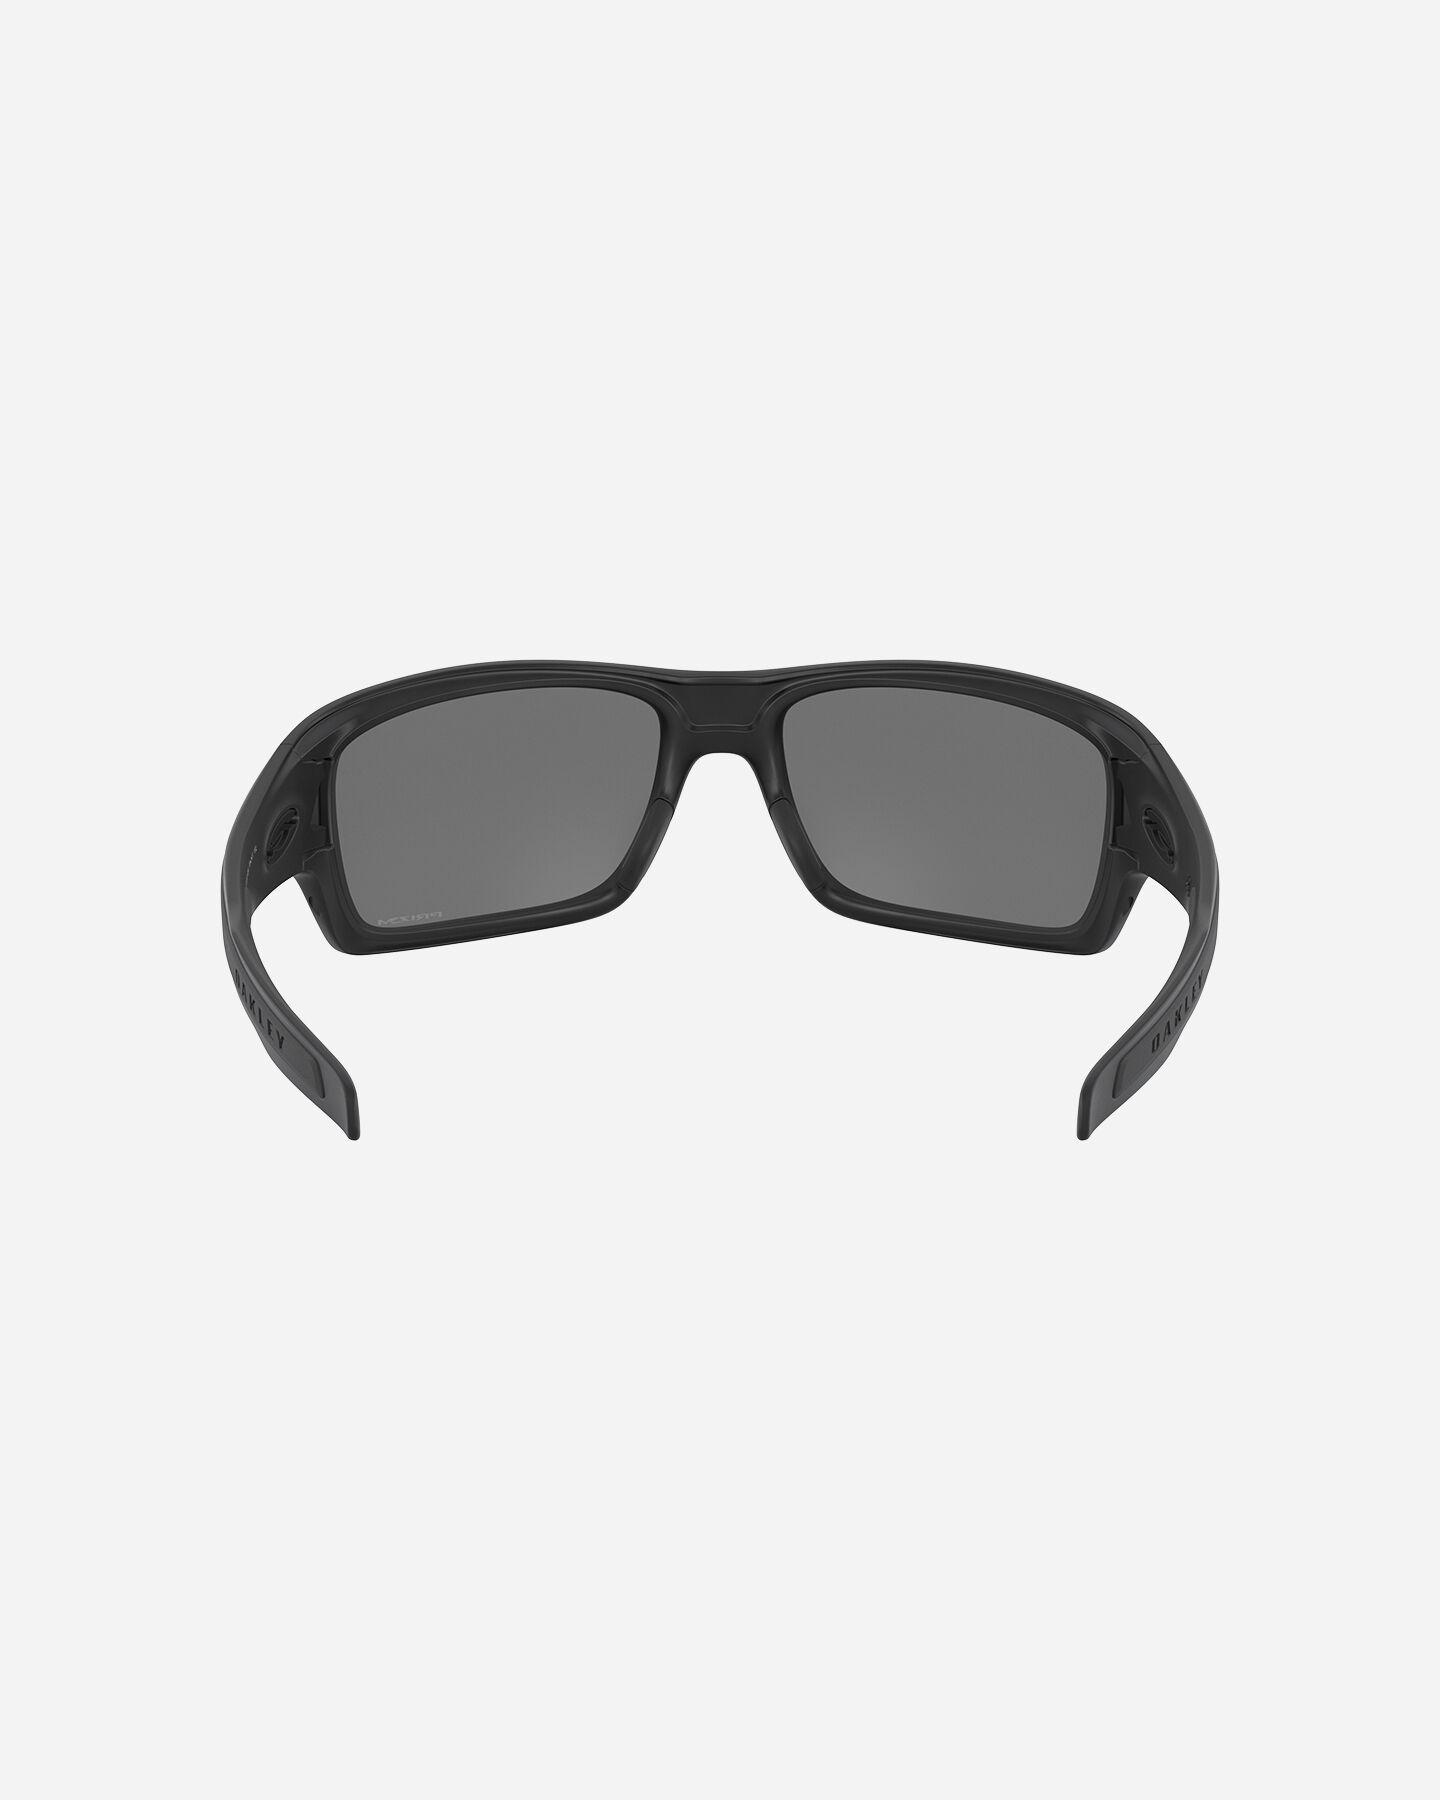 Occhiali OAKLEY TURNINE M S5058839|4263|UNI scatto 2